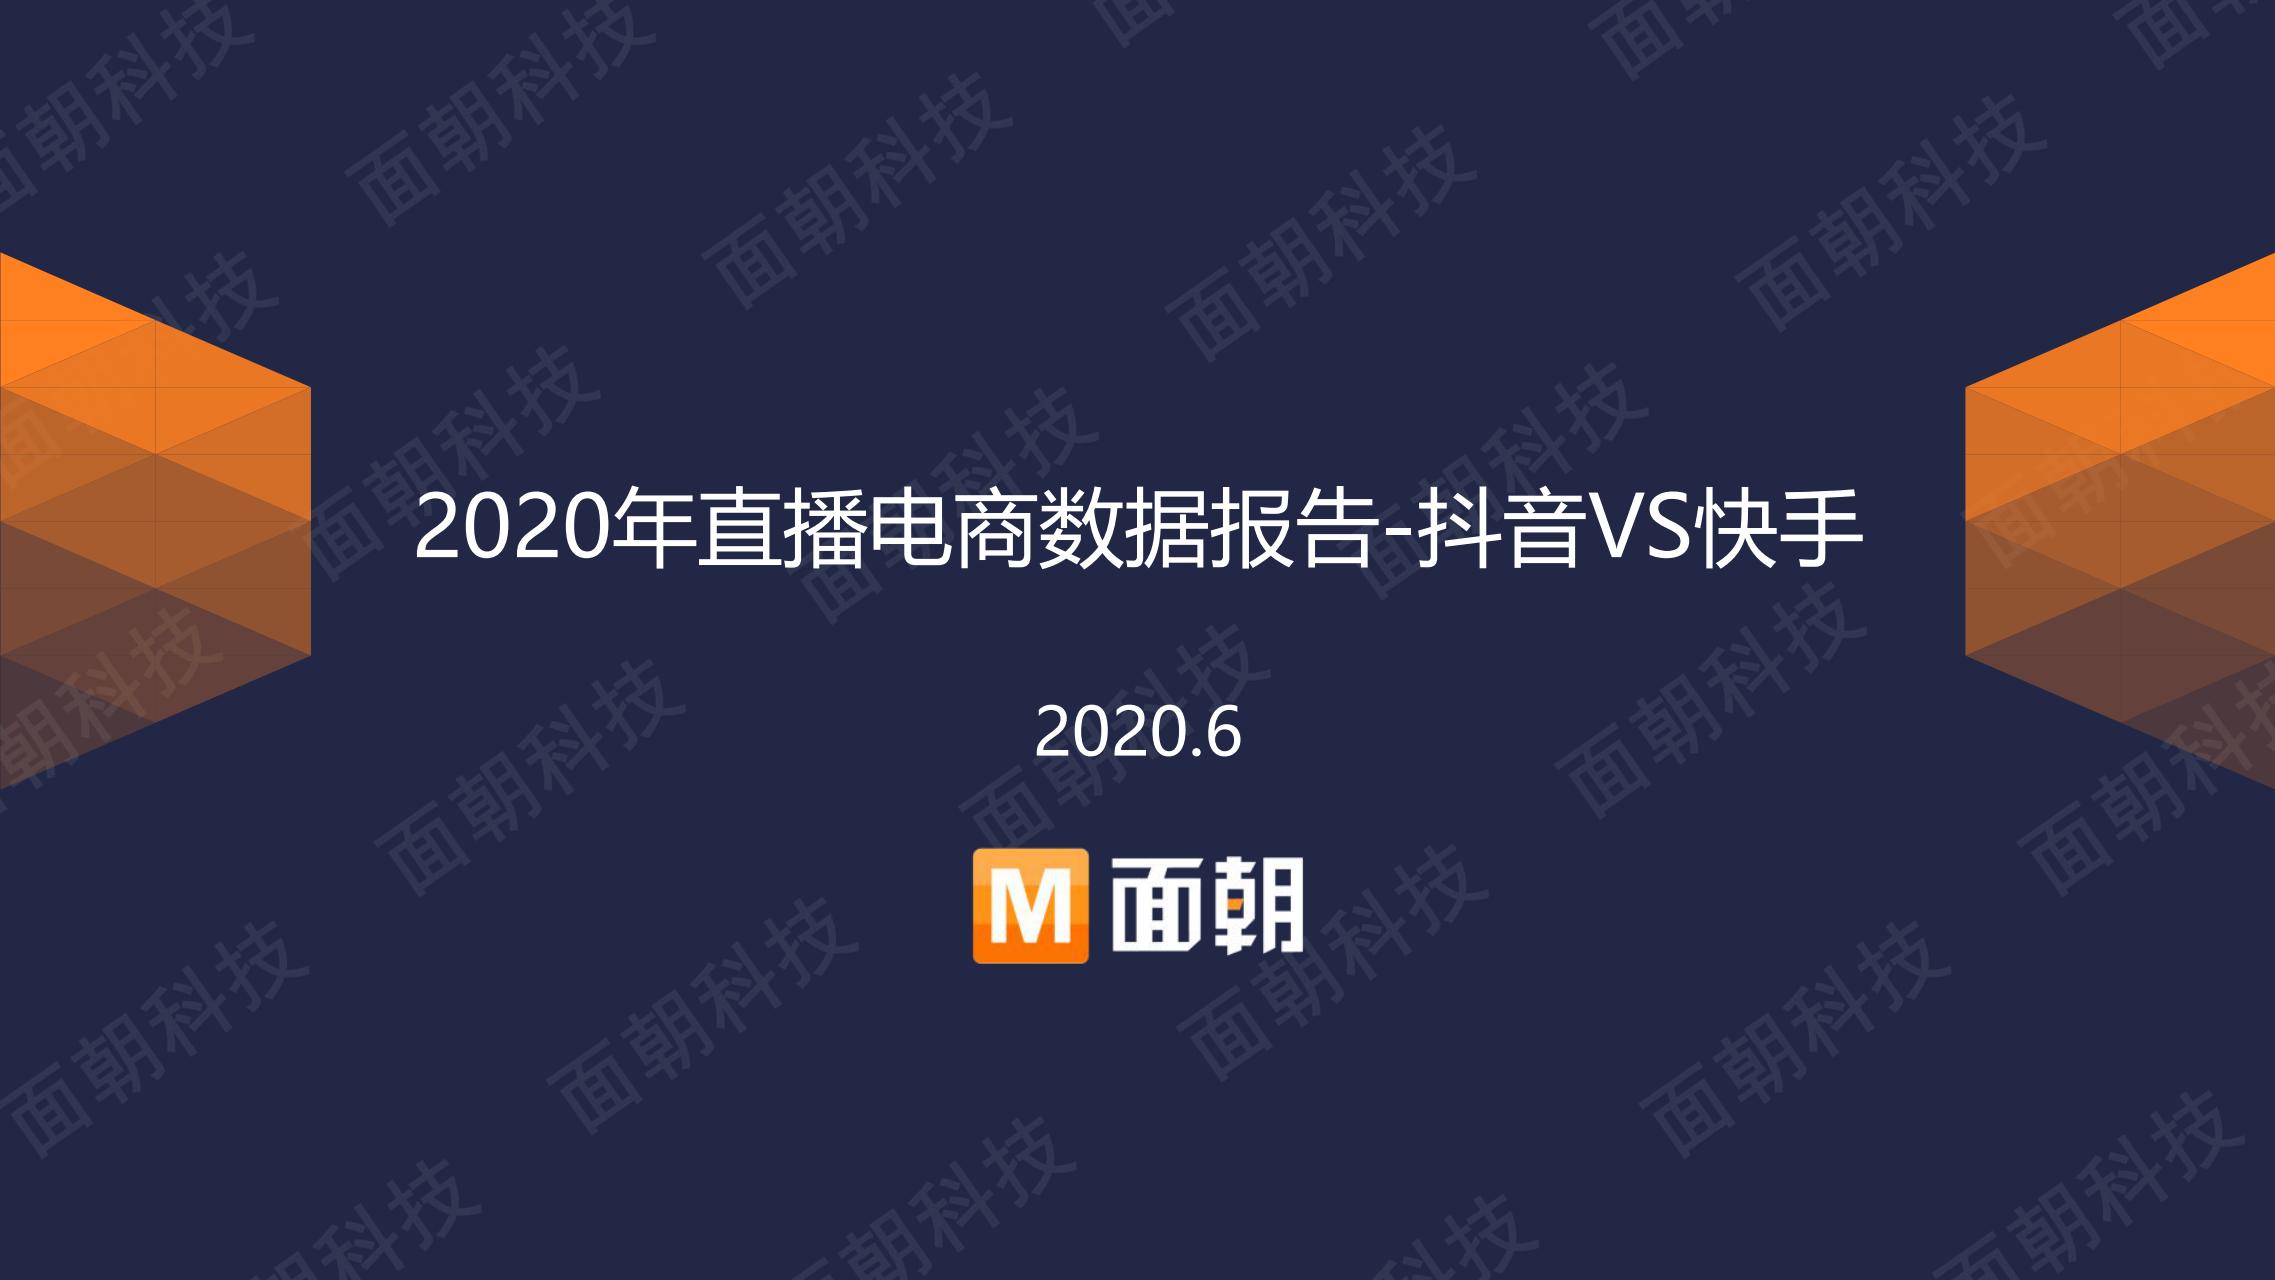 面朝研究院:2020年直播电商数据报告-抖音VS快手(附下载)